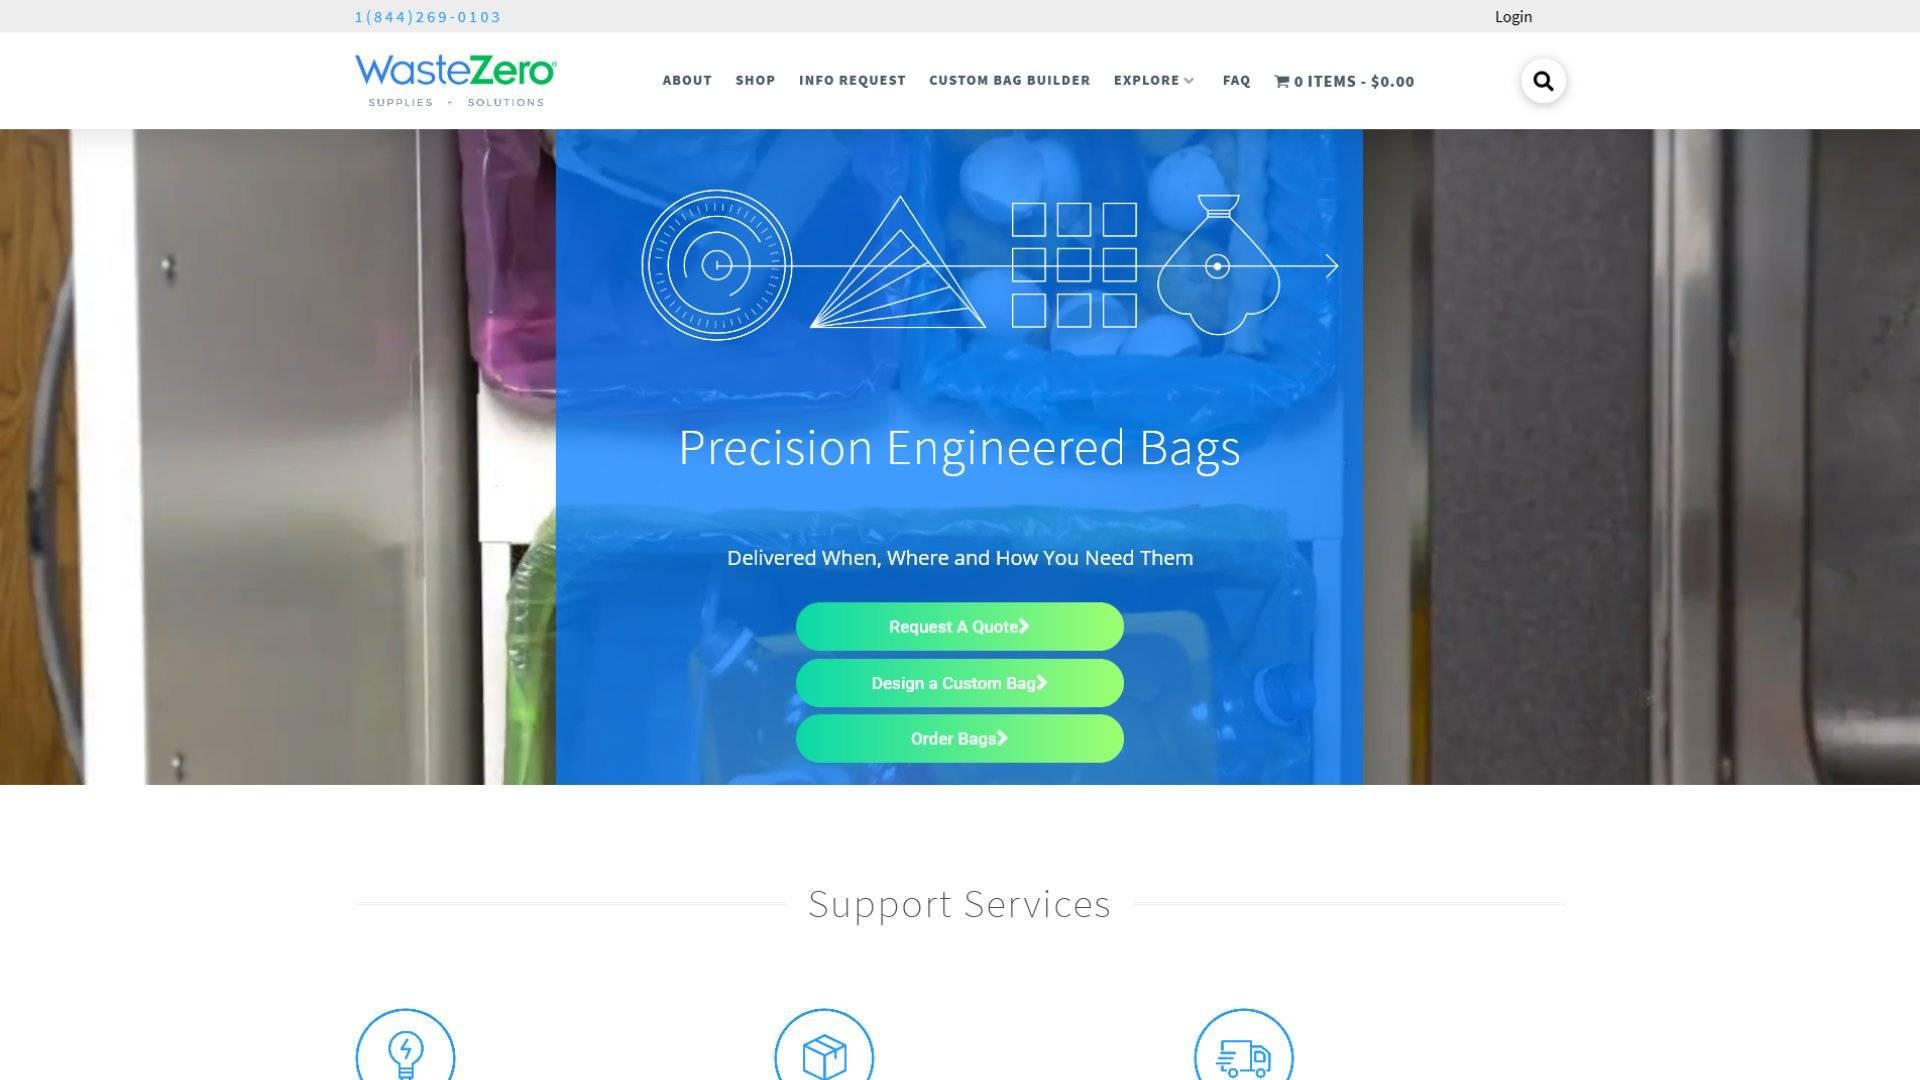 WasteZero Case Study Placeholder Image